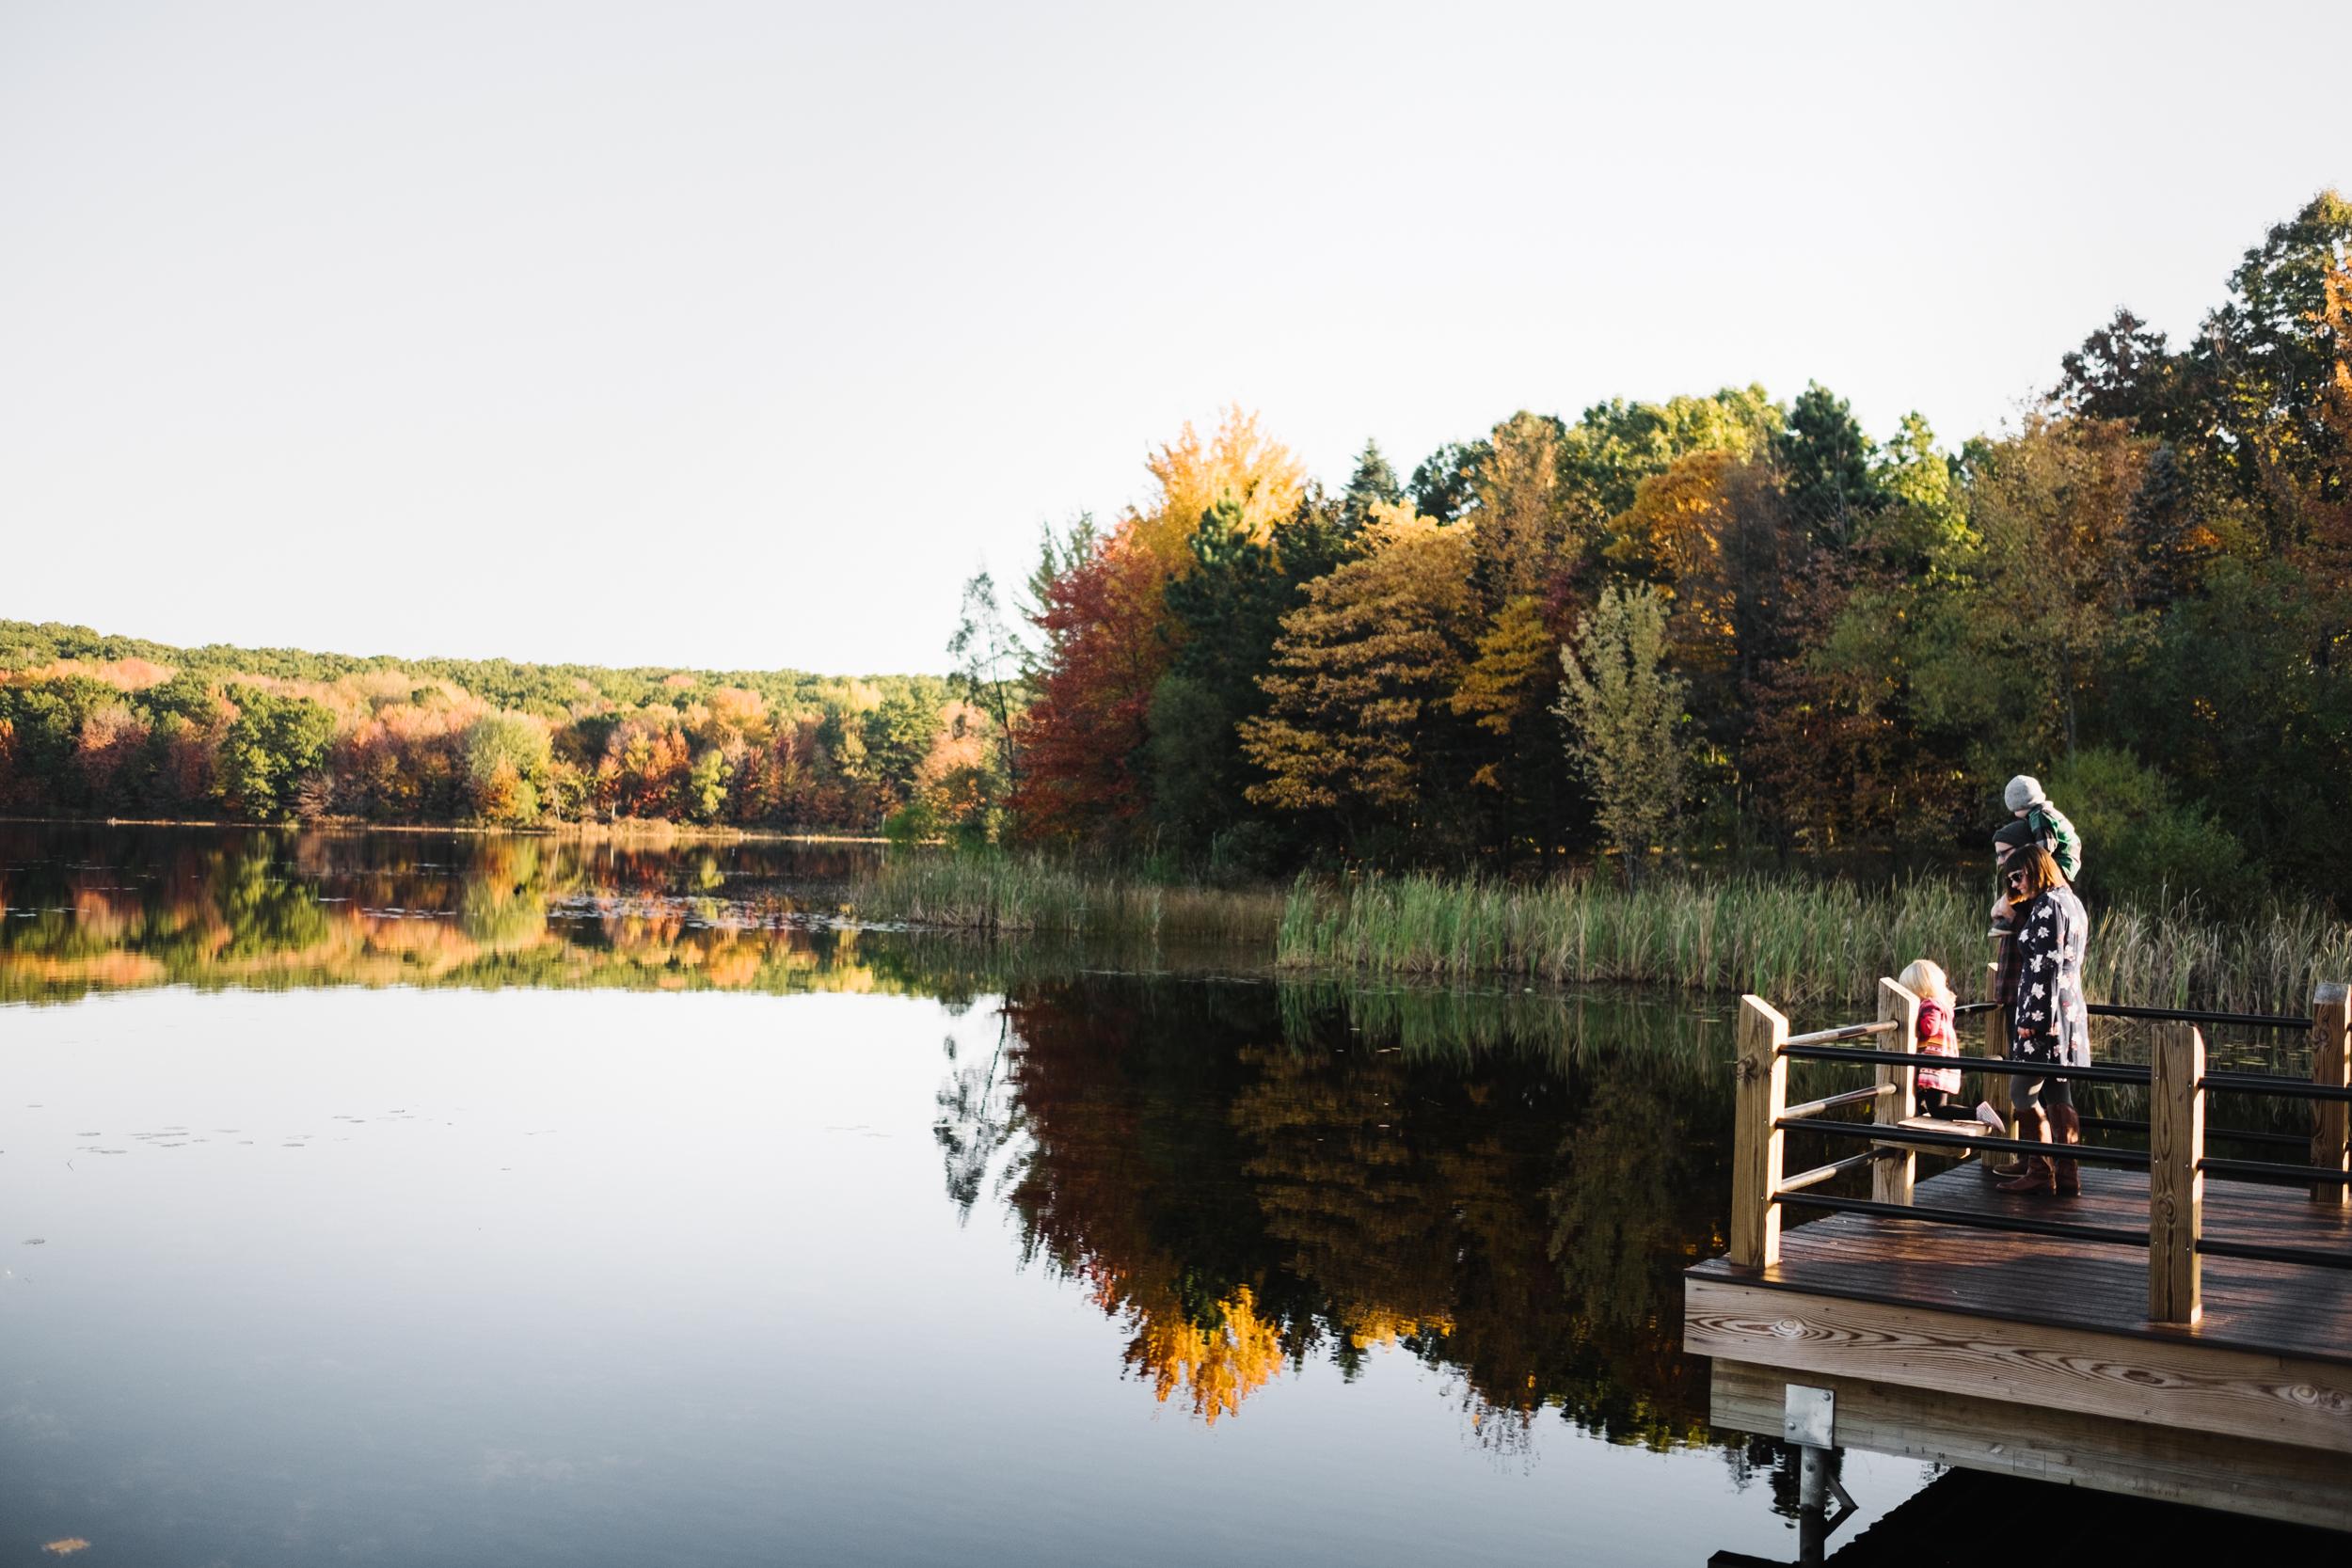 Family looking at lake